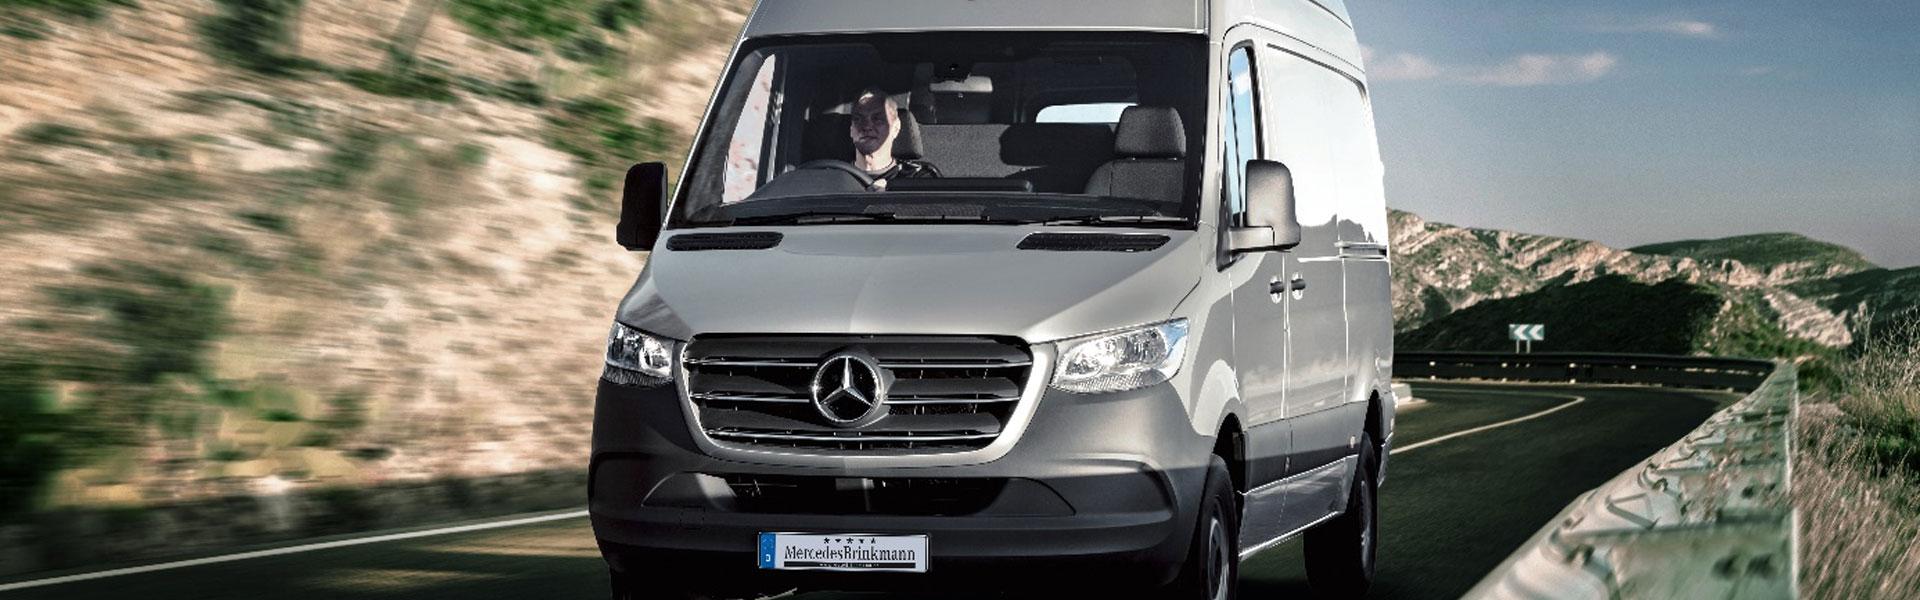 Mercedes-Benz-Brinkmann-Transporter-Hauptseite-Header